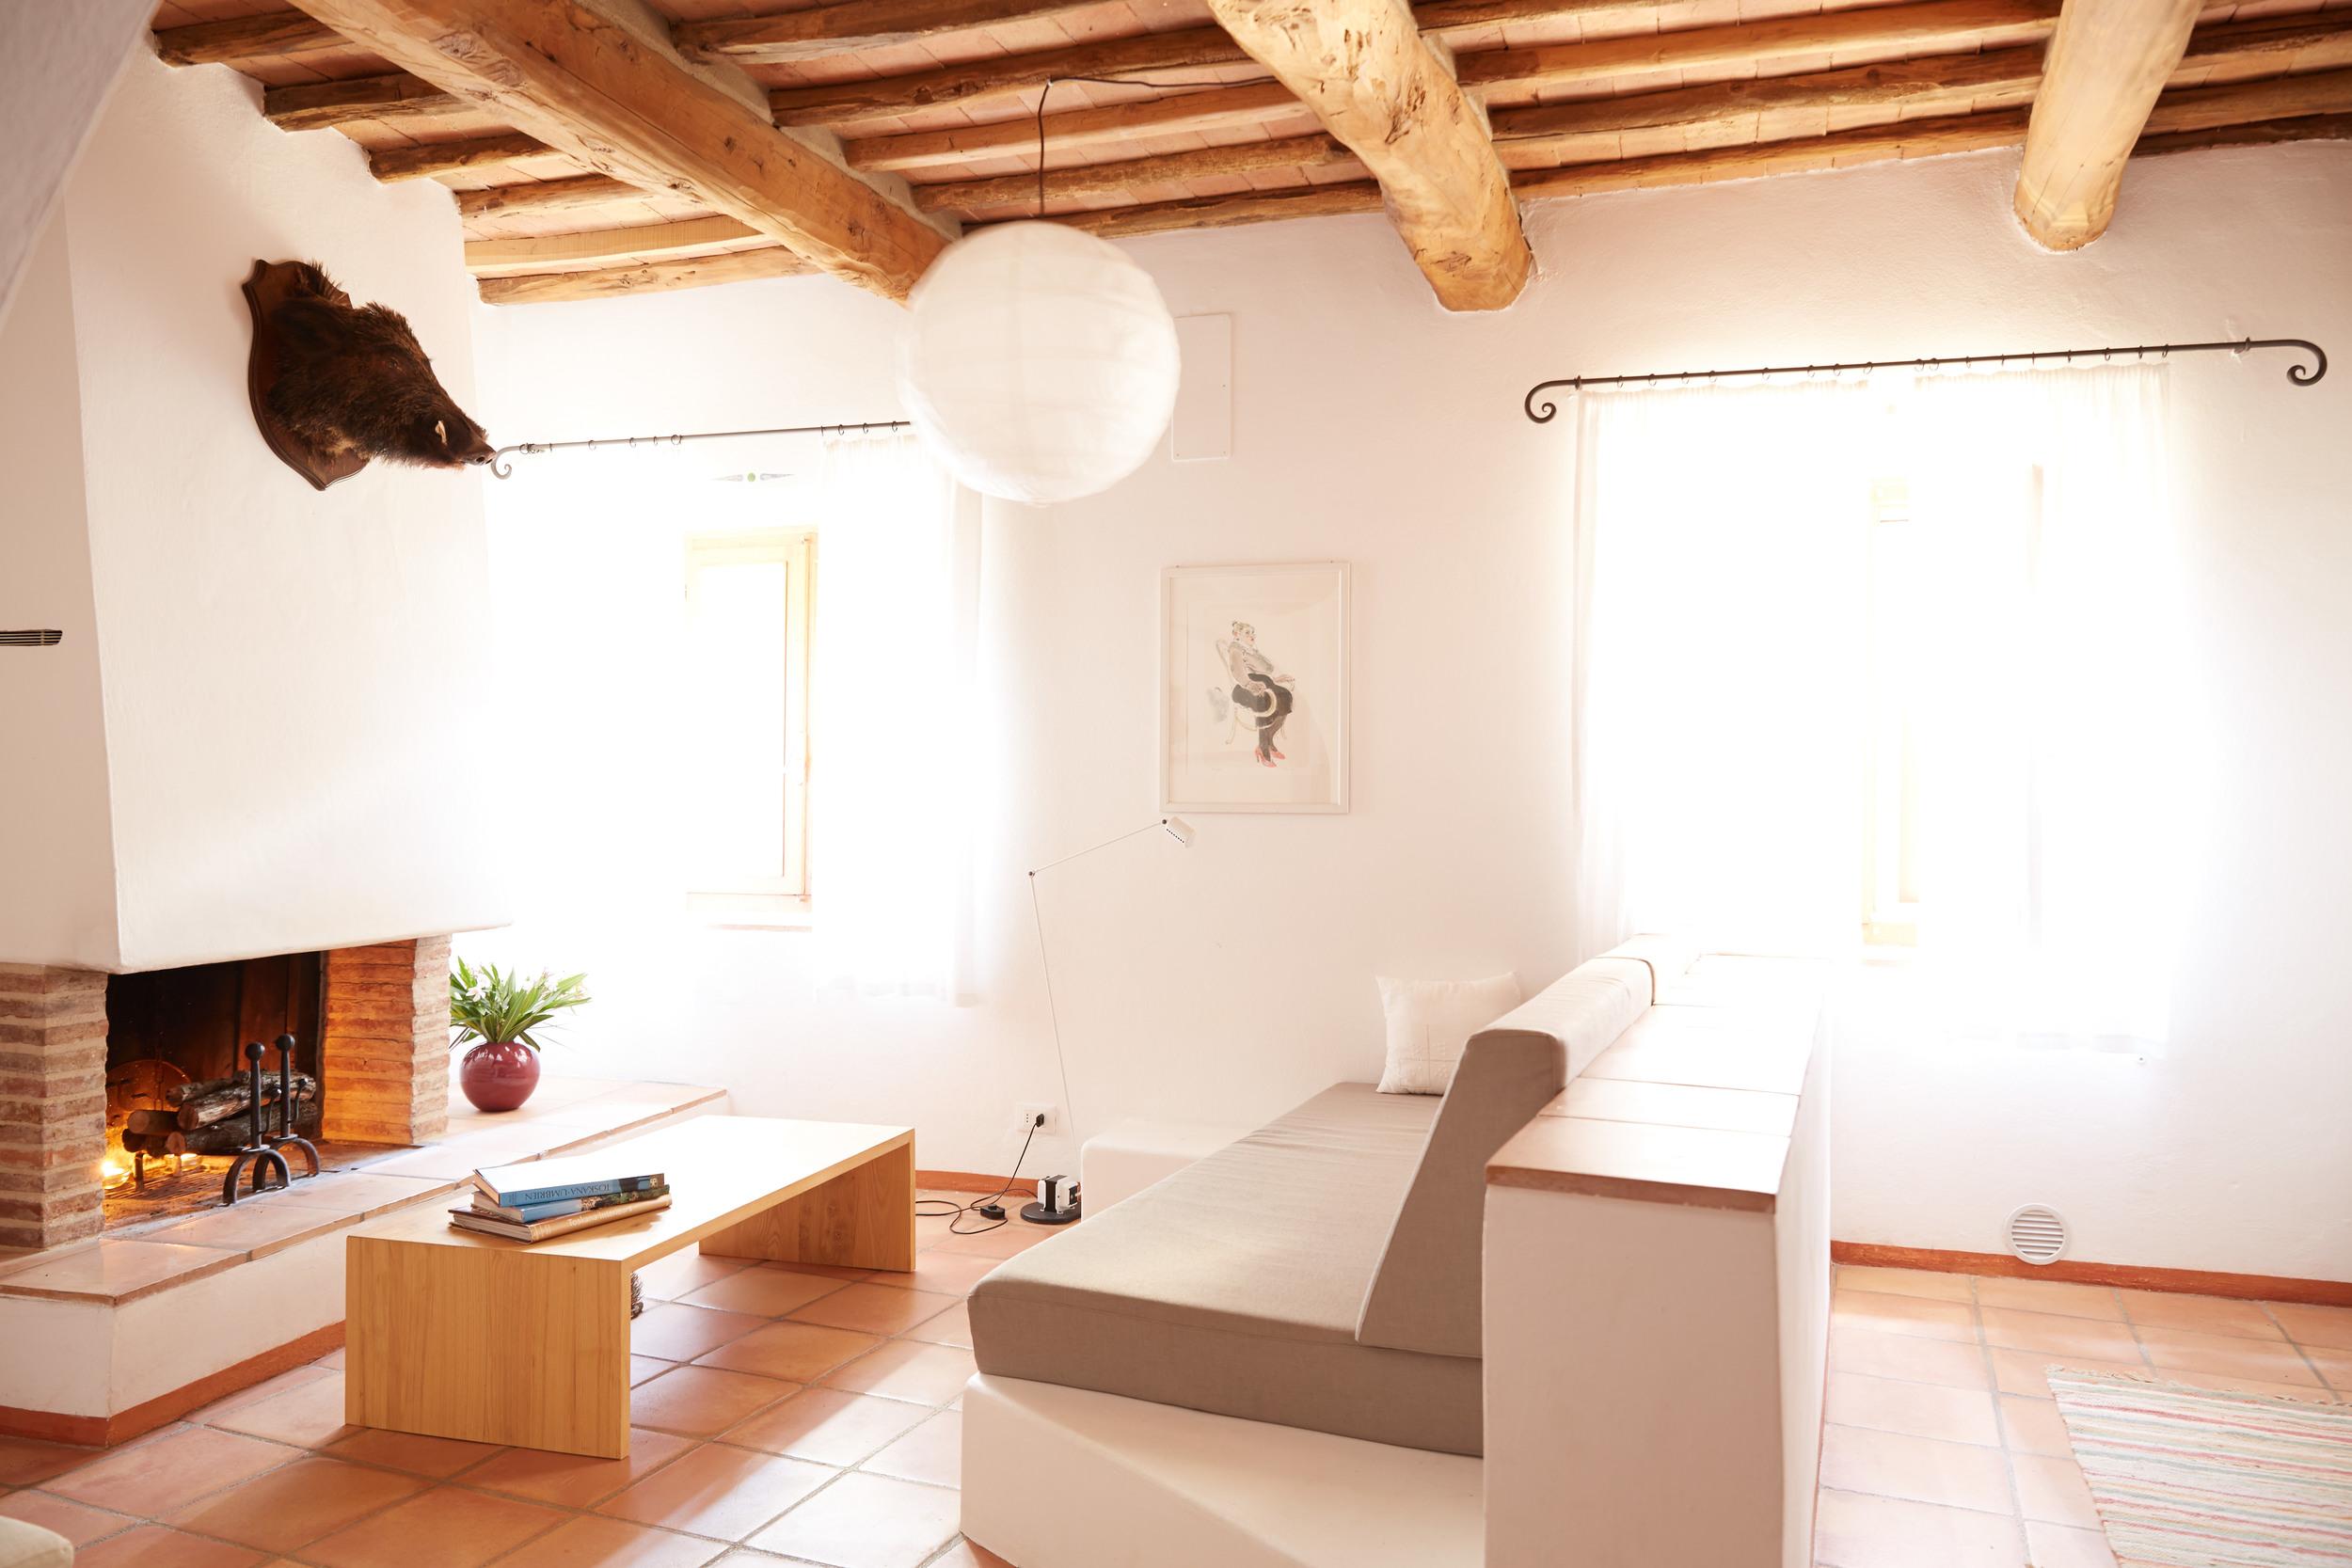 Gemütlicher Hausteil mit offener Küche und Wohnraum mit Cheminée für 4+ Personen. Ab 127 €/Tag (Off-Saison)